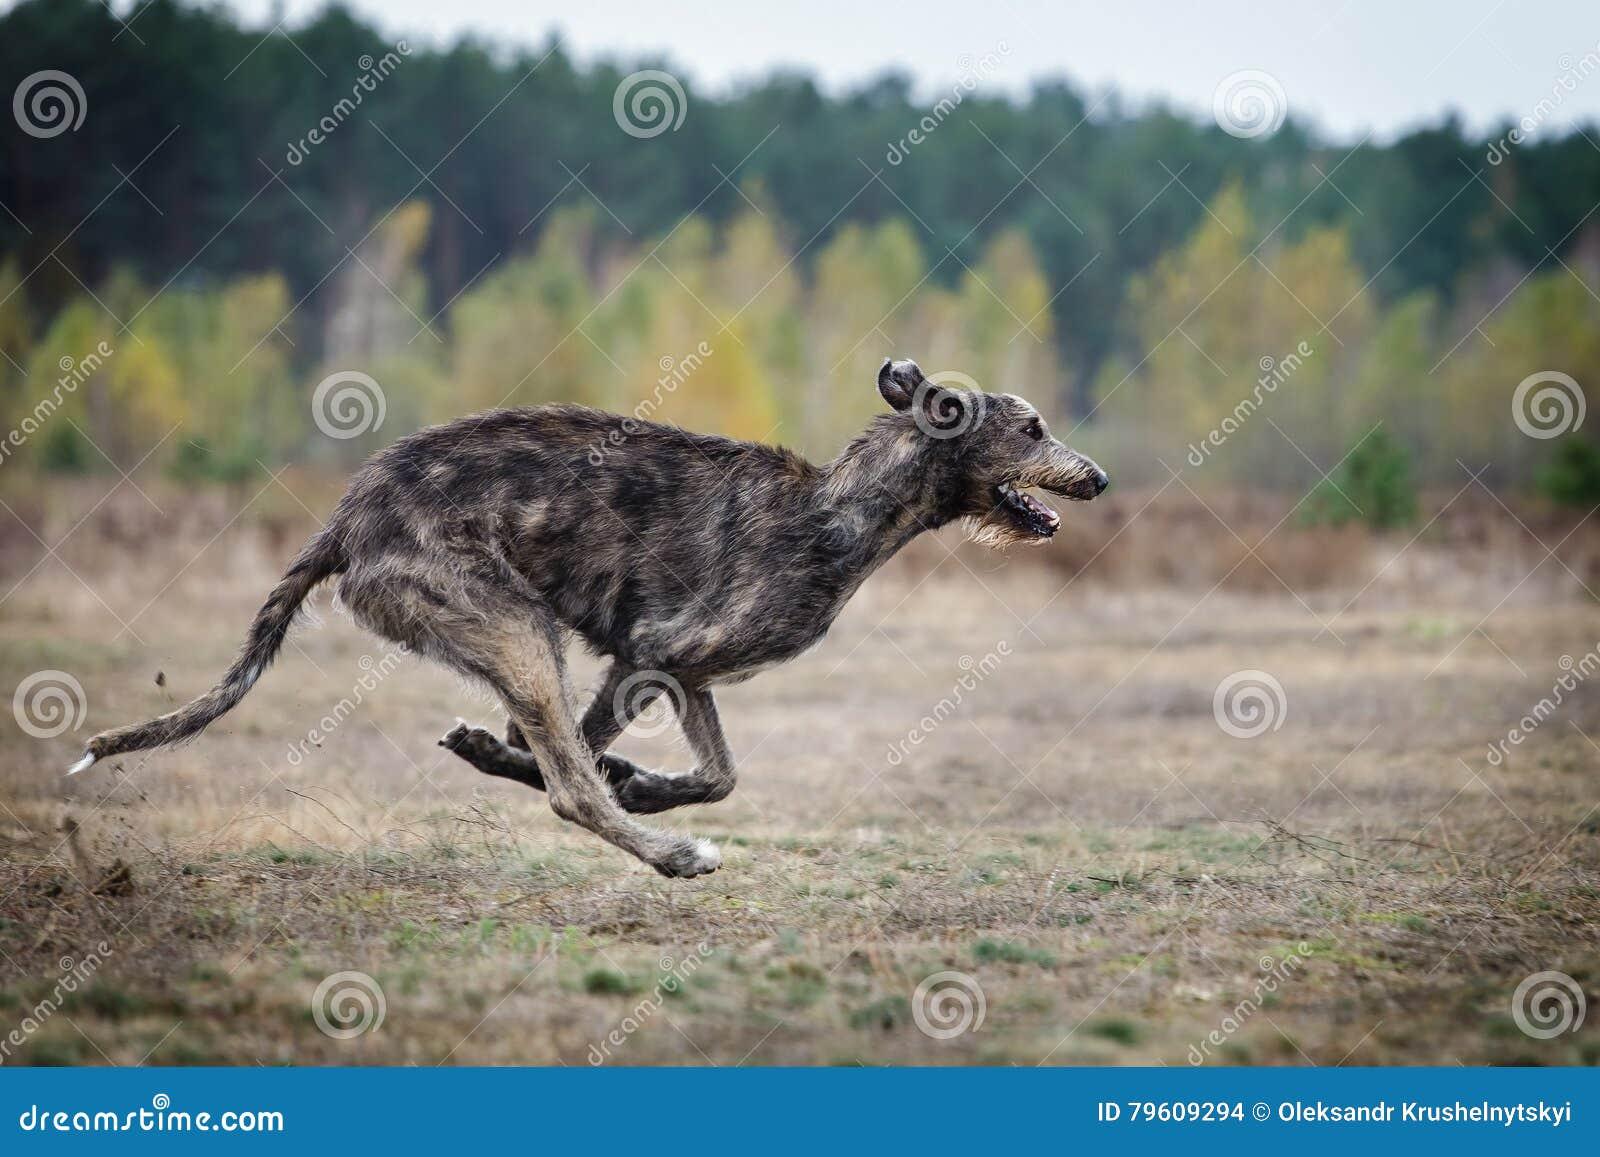 Percorrer Corridas do cão do cão caçador de lobos irlandês